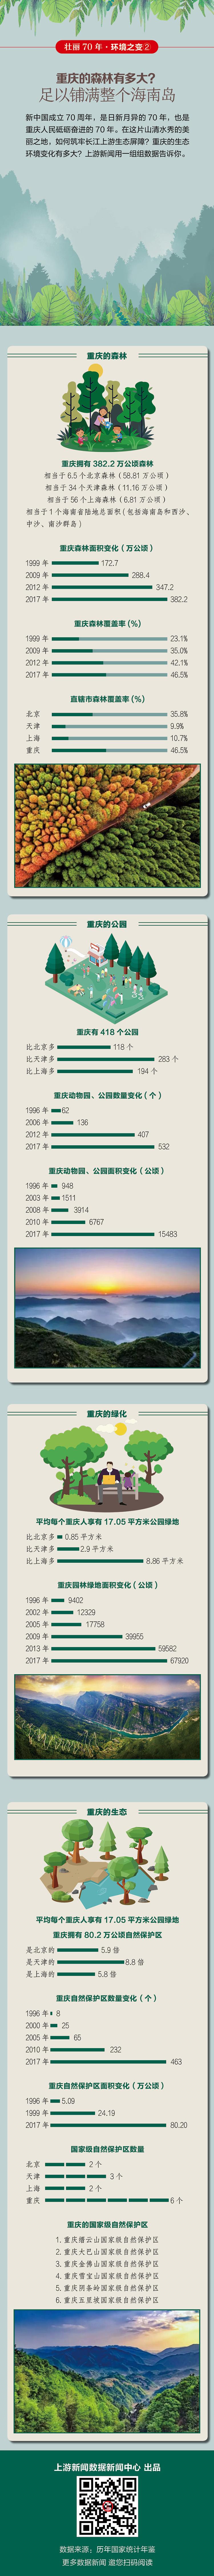 重庆环境2.jpg